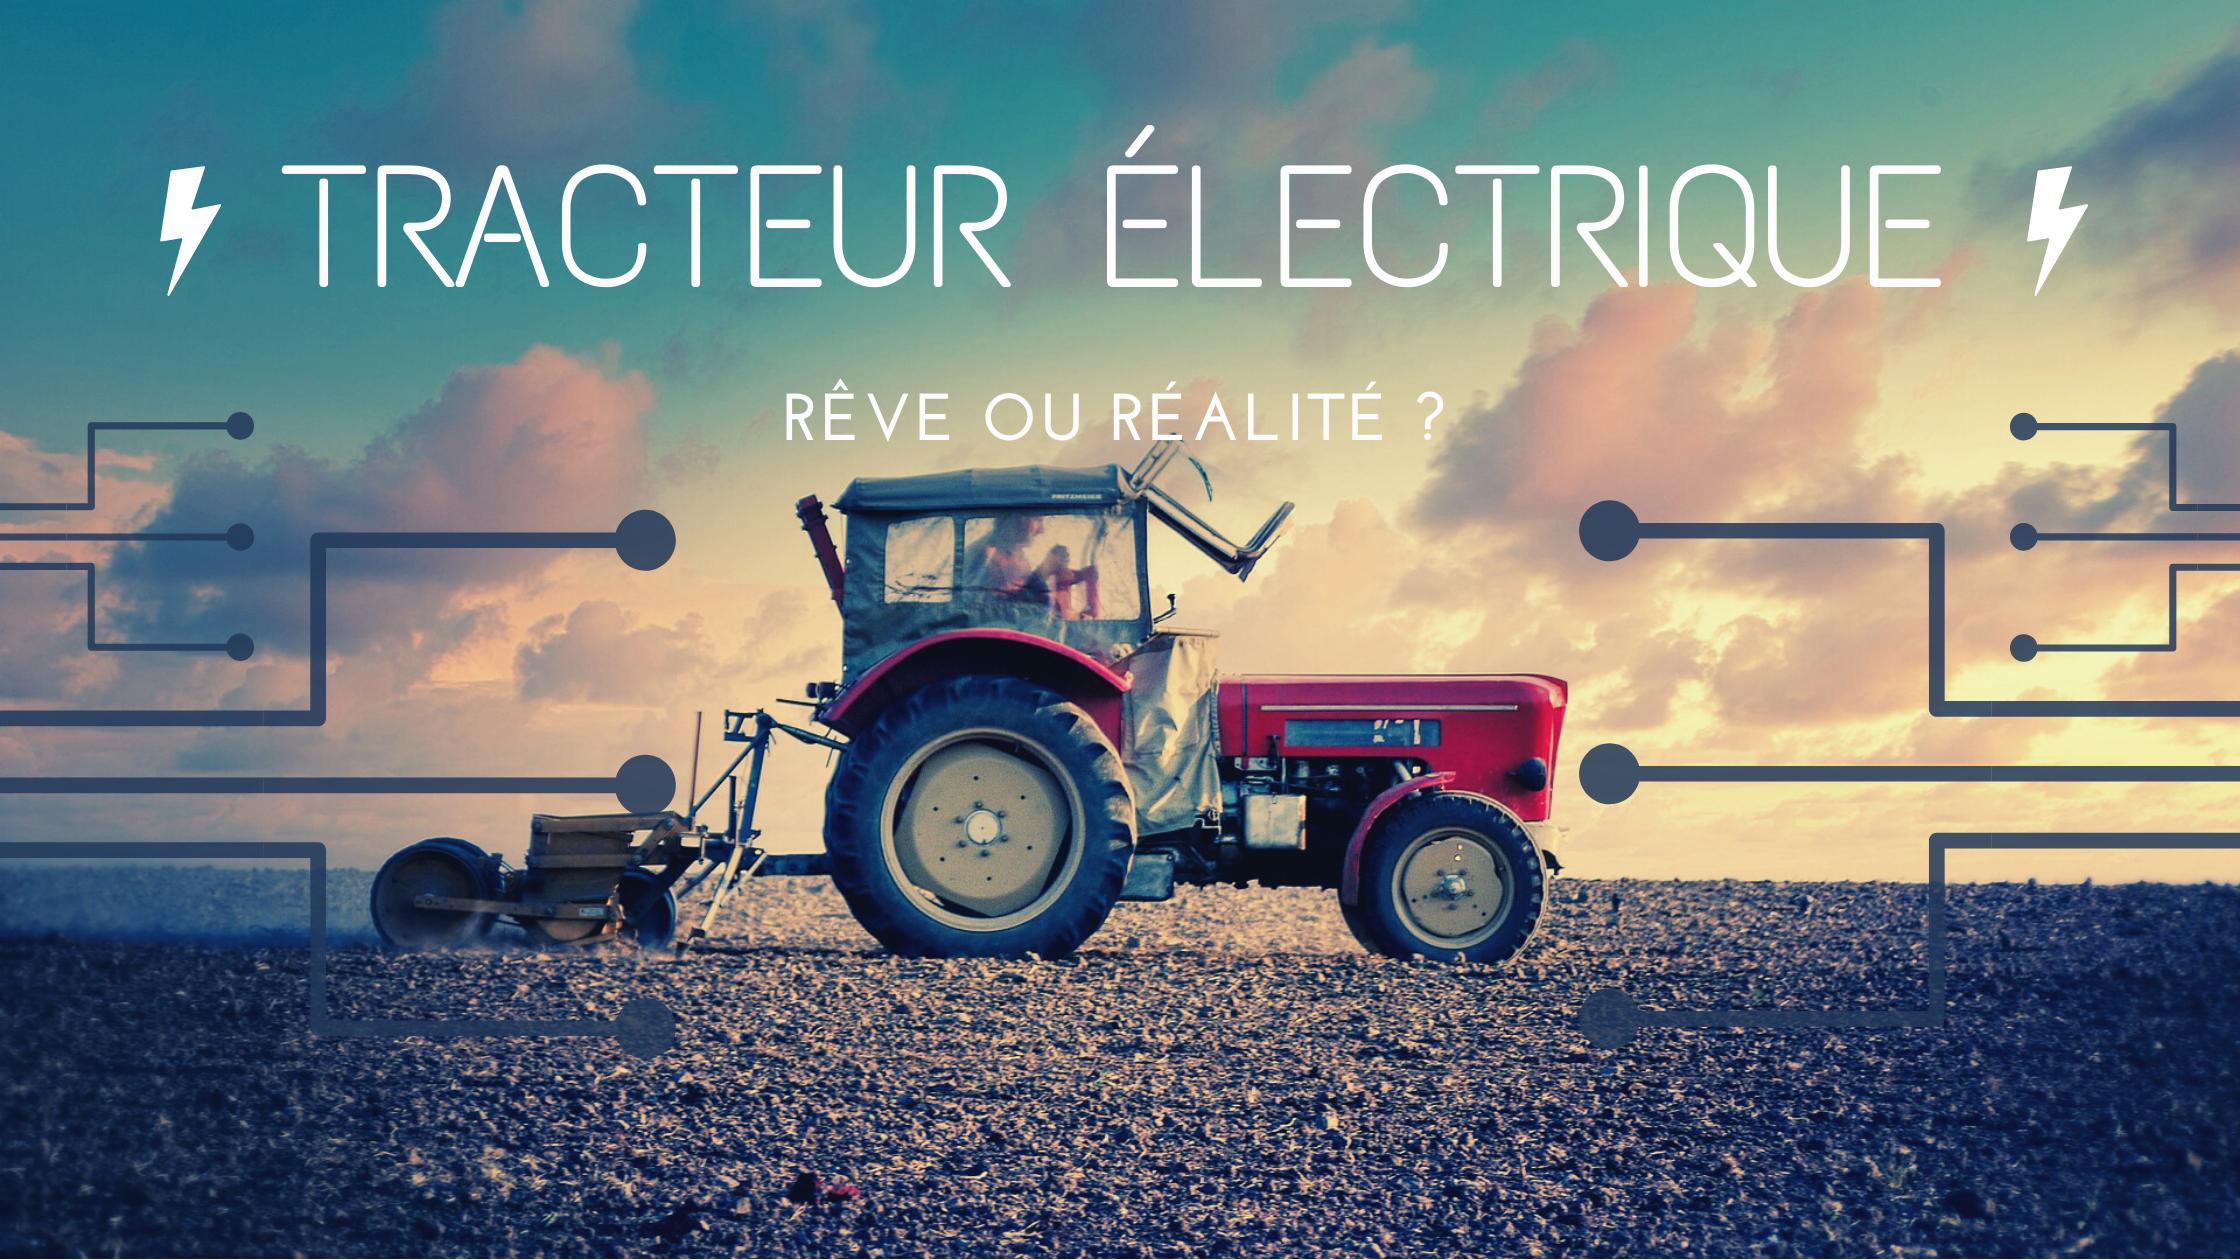 Tracteur électrique: rêve ou réalité?